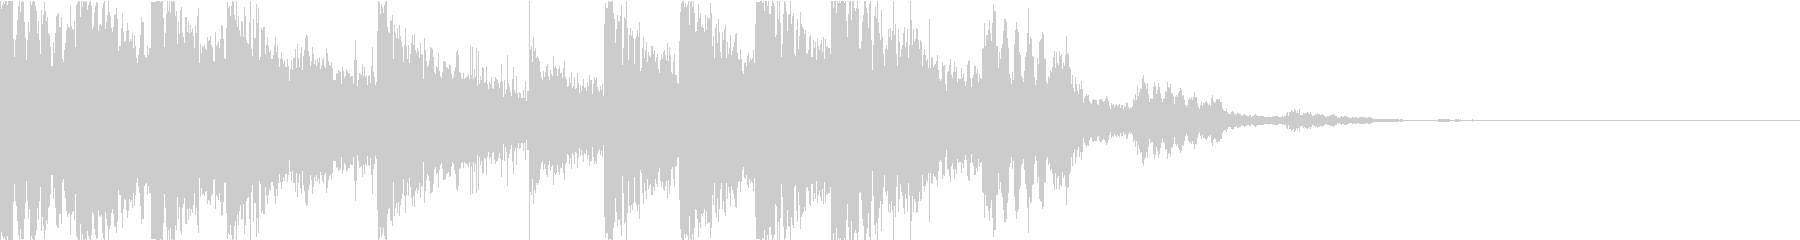 ピコピコ/不気味なサウンドロゴの未再生の波形